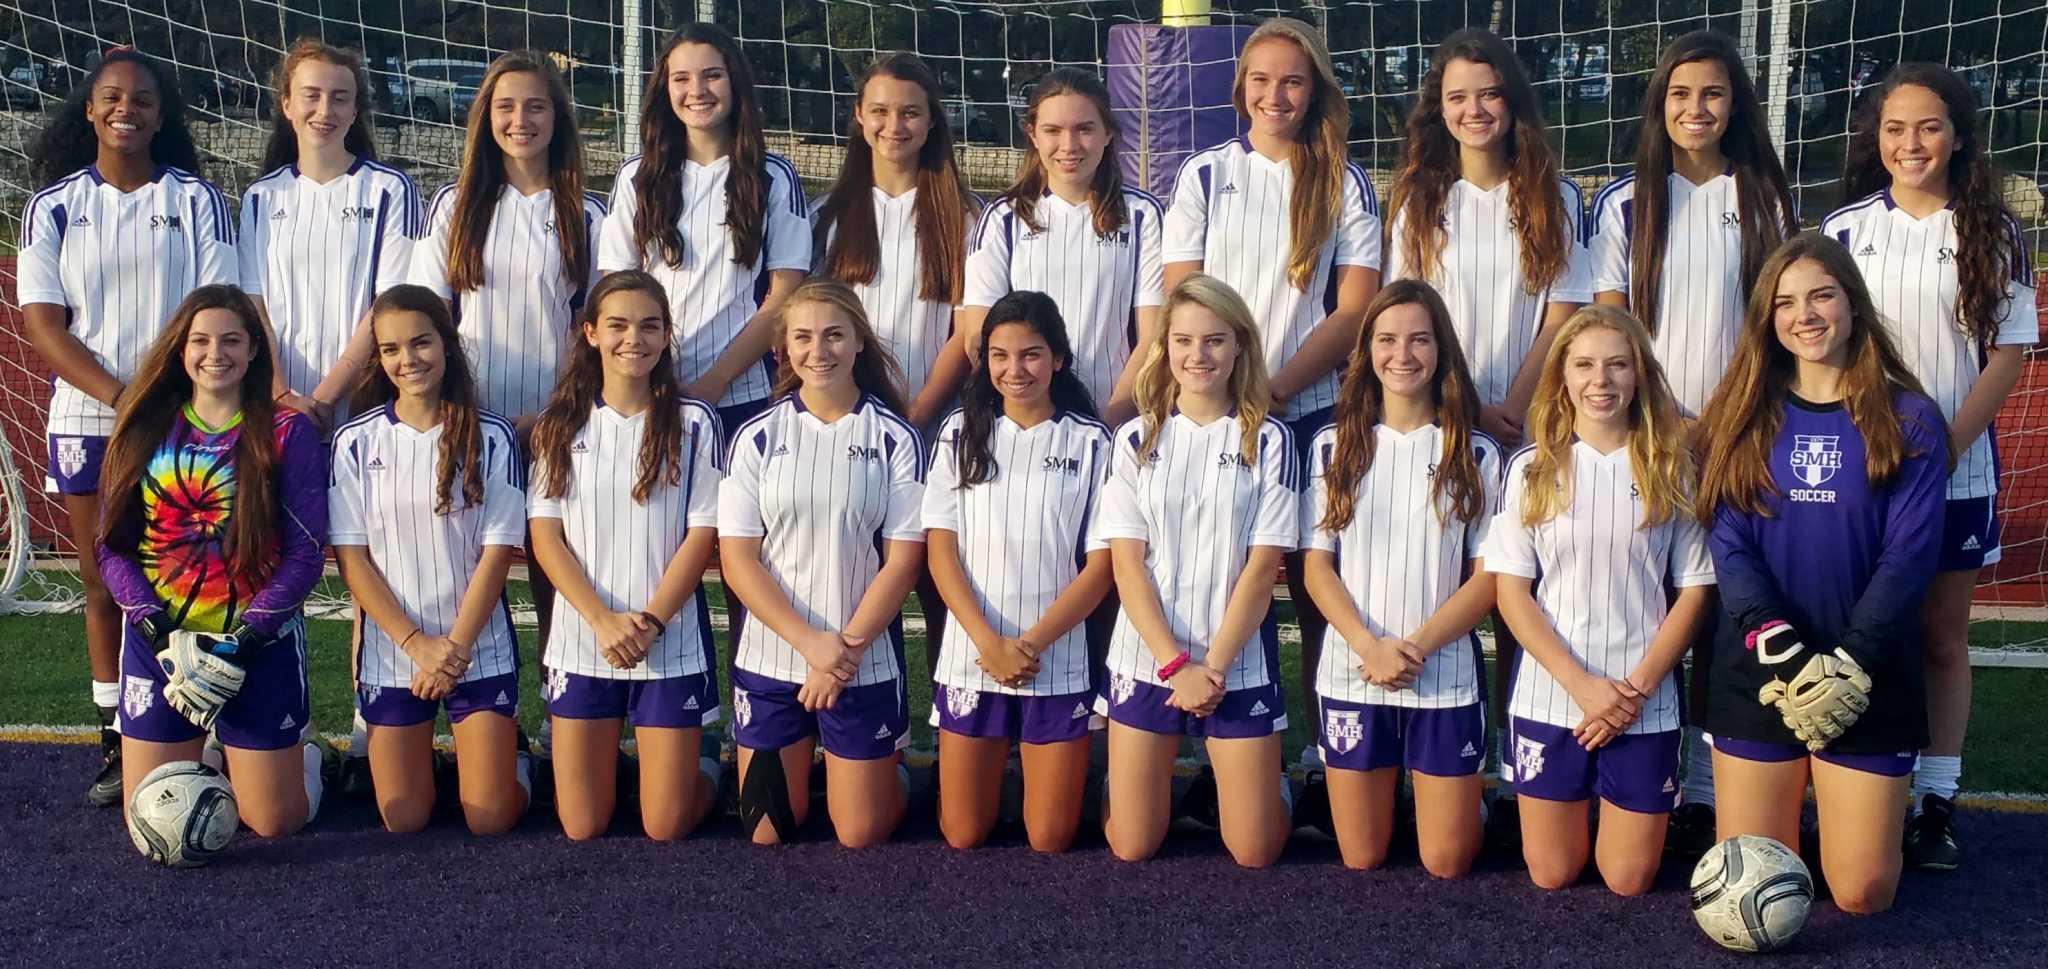 Saint Marys Hall Alamo Heights Soccer Teams Earn Academic Honor